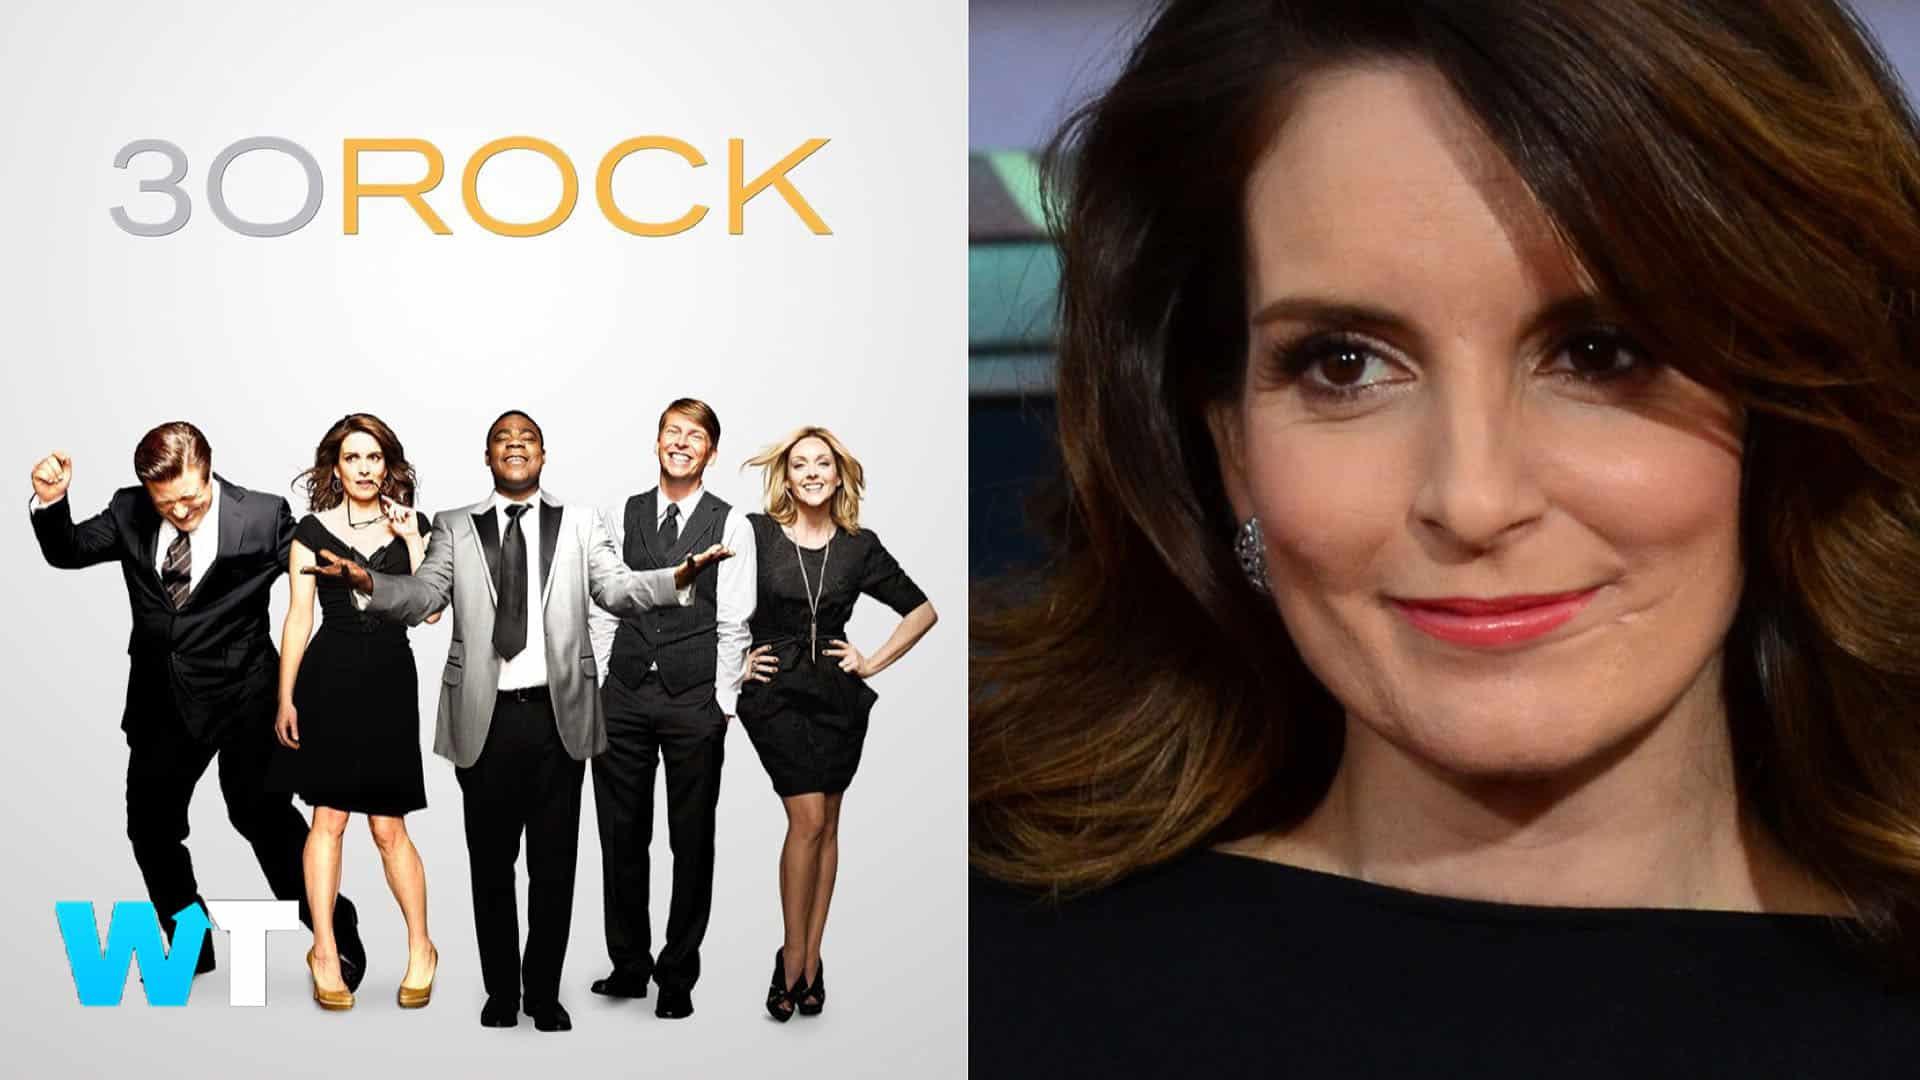 30 Rock episodes got removed